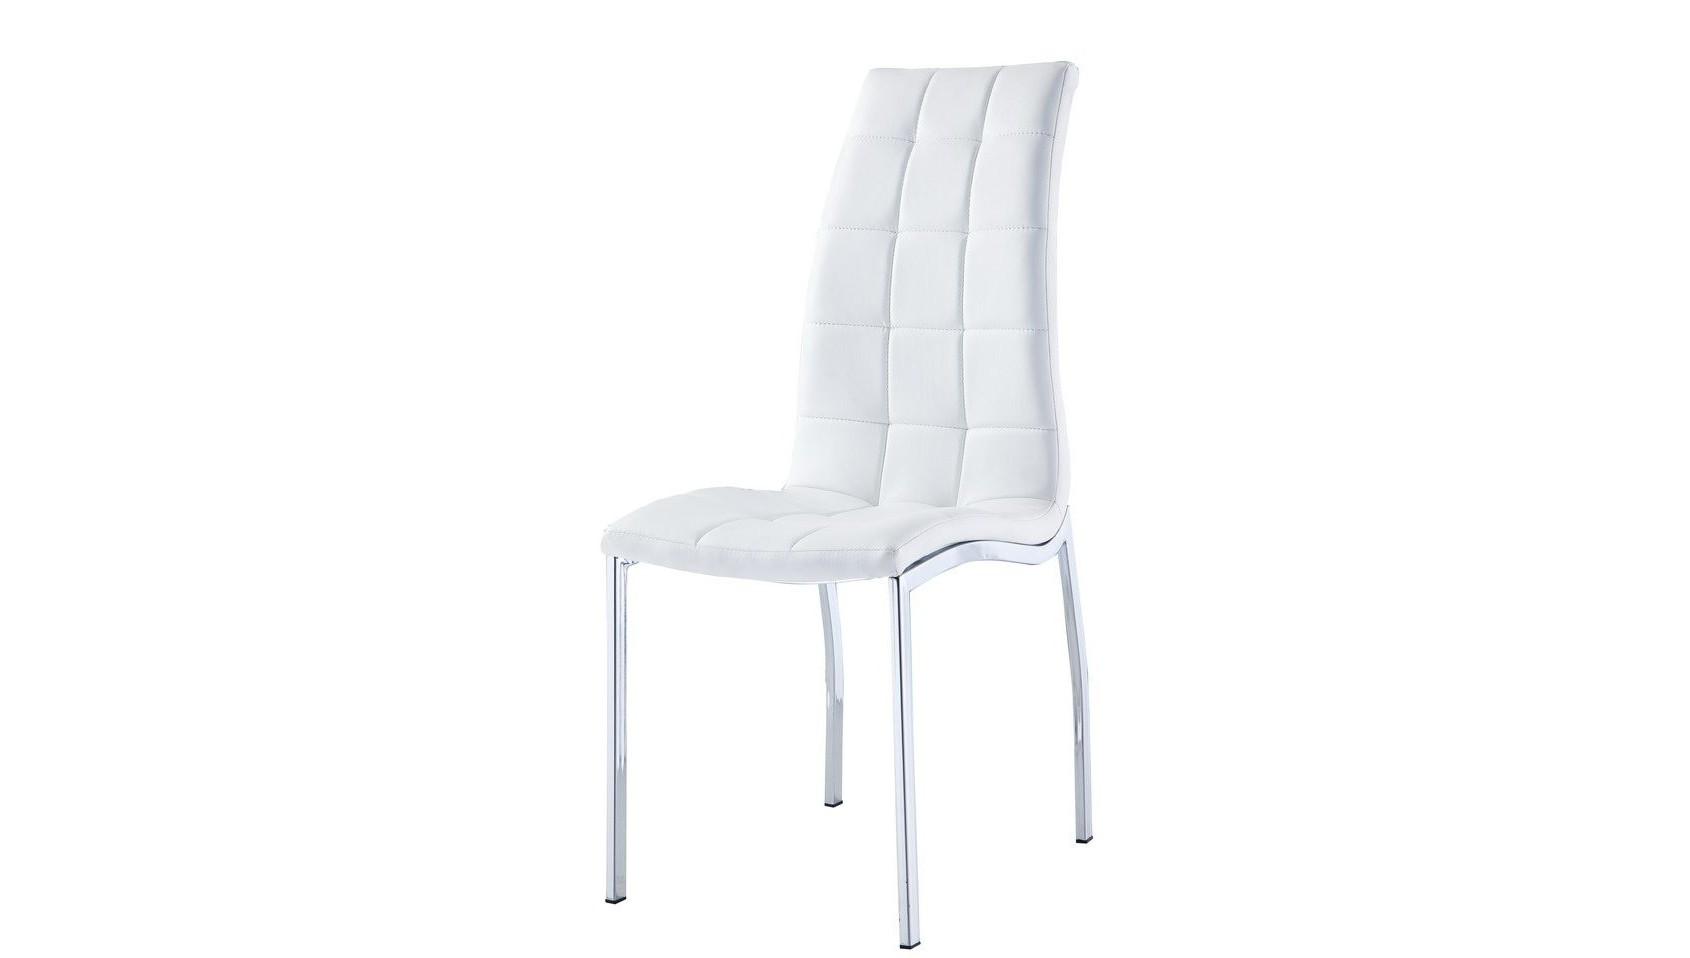 Стул DC365 белыйОбеденные стулья<br><br><br>Material: Кожа<br>Ширина см: 43<br>Высота см: 105<br>Глубина см: 58